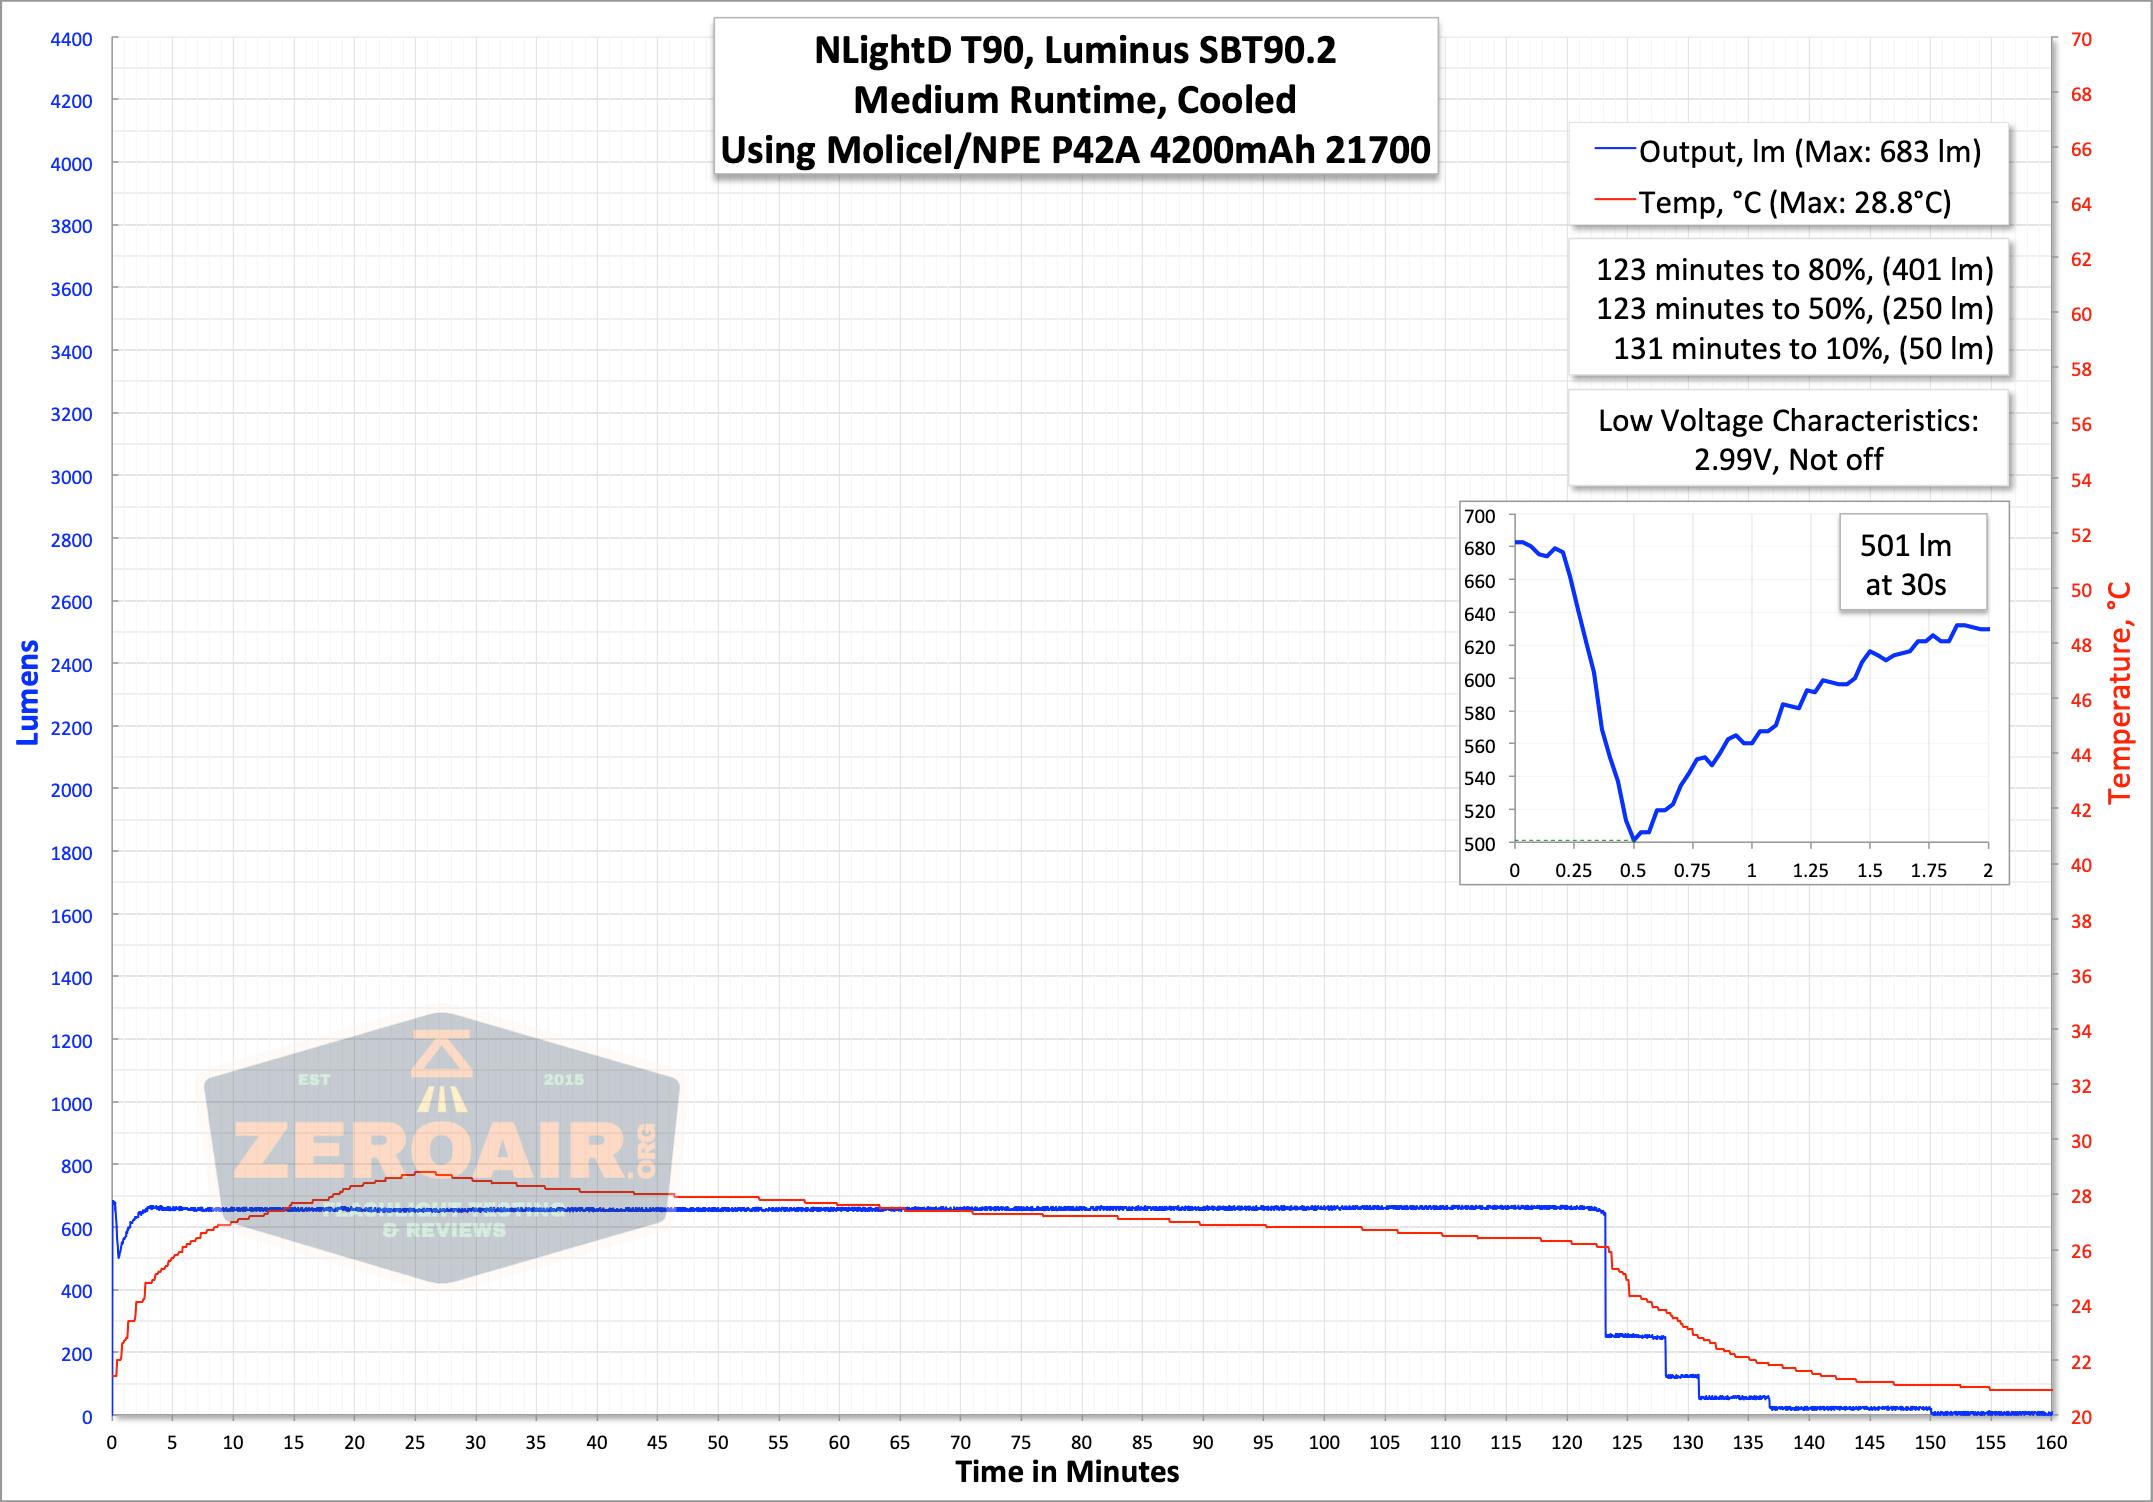 NlightD T90 luminus sbt-90.2 Andúril 21700 runtime medium